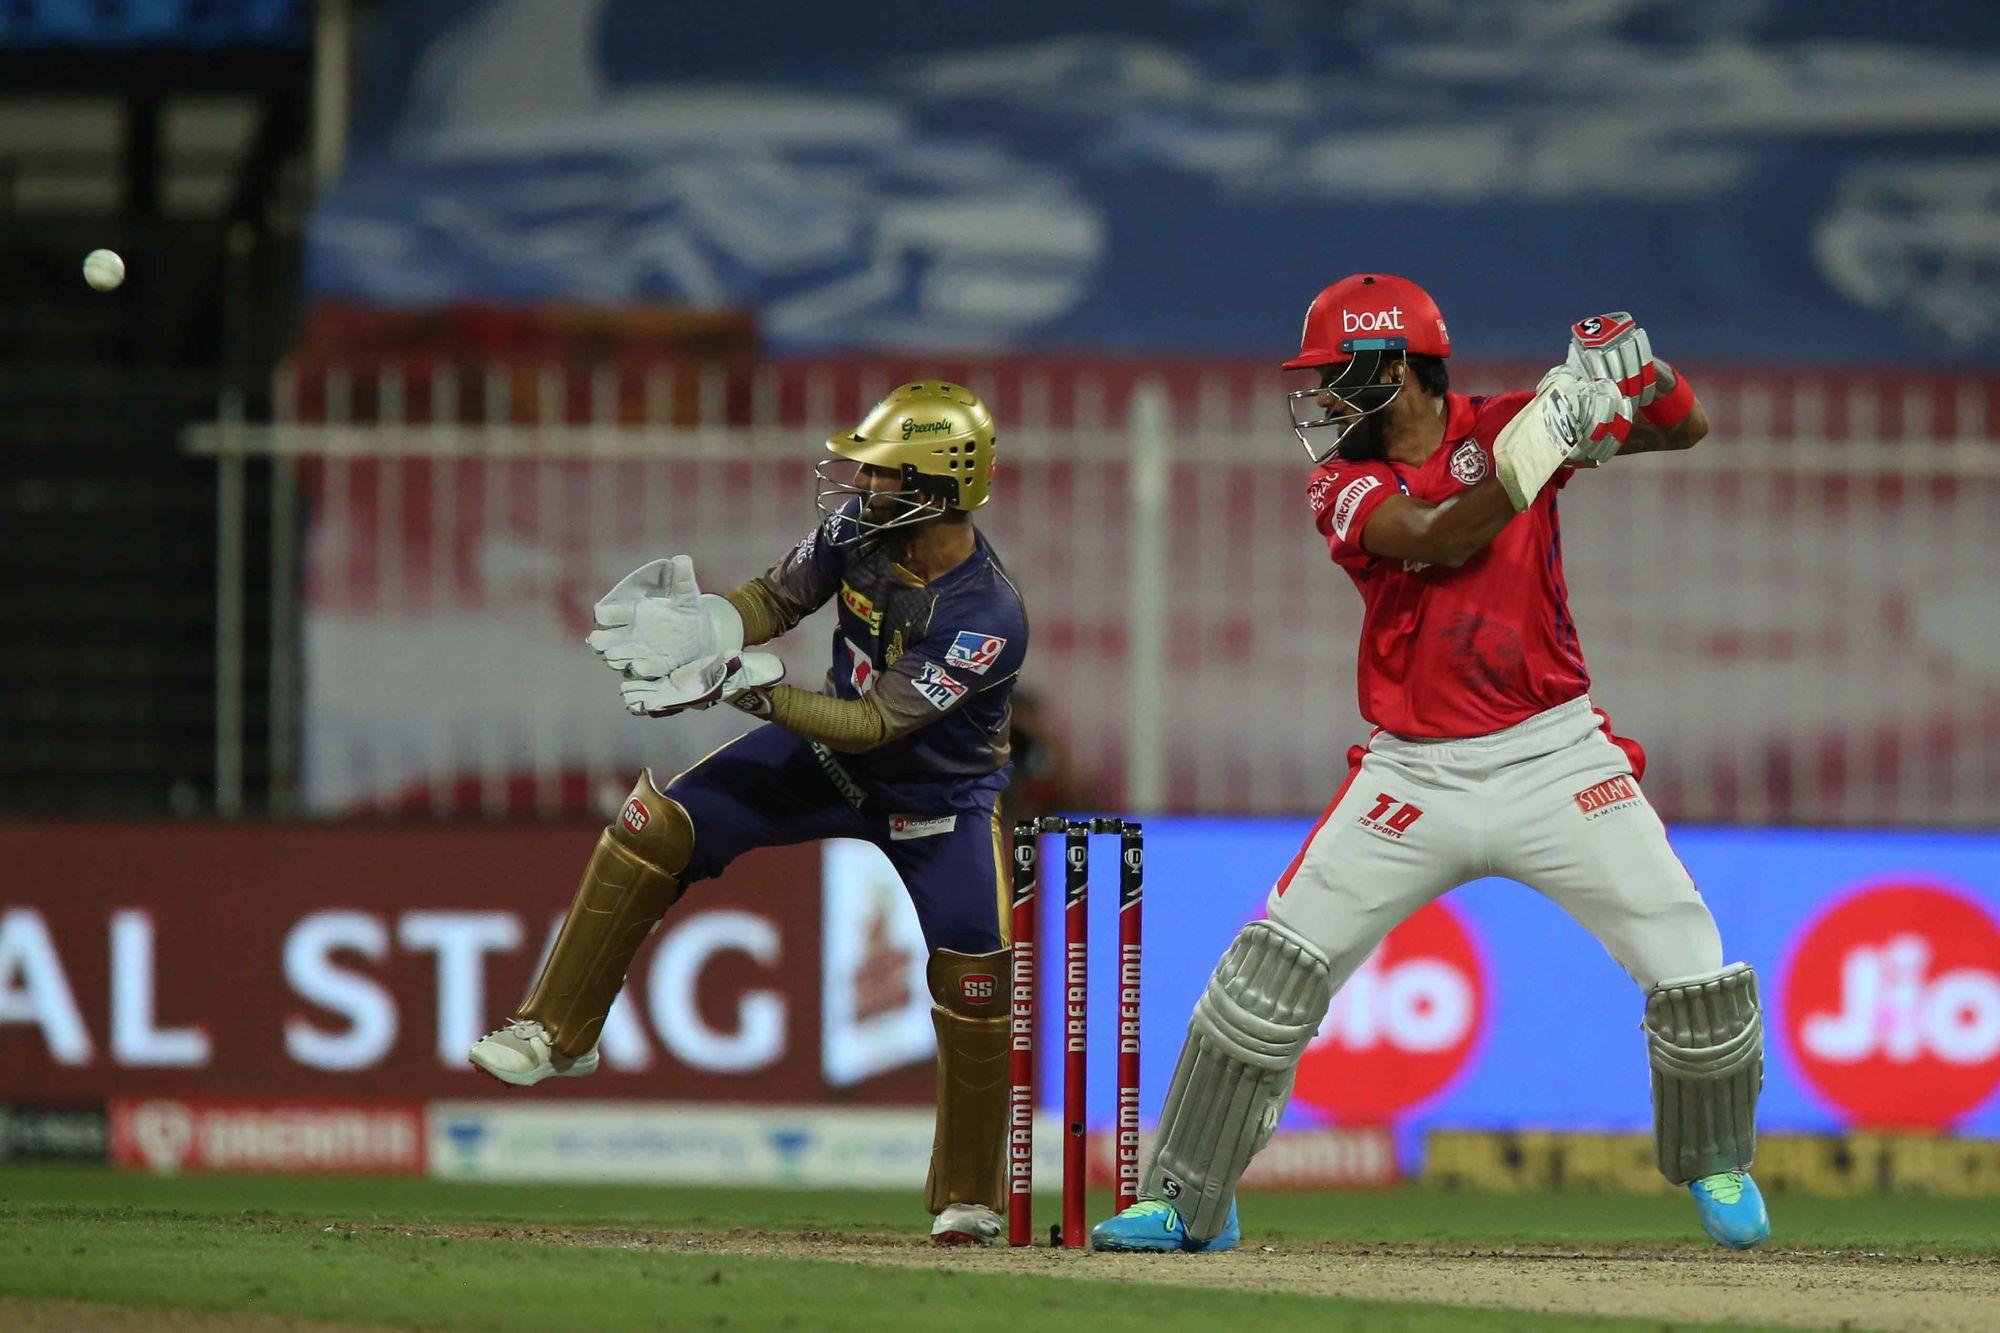 KKRvsKXIP: केएल राहुल ने क्रिस गेल नहीं बल्कि इस खिलाड़ी को दिया कोलकाता के खिलाफ जीत का श्रेय 2